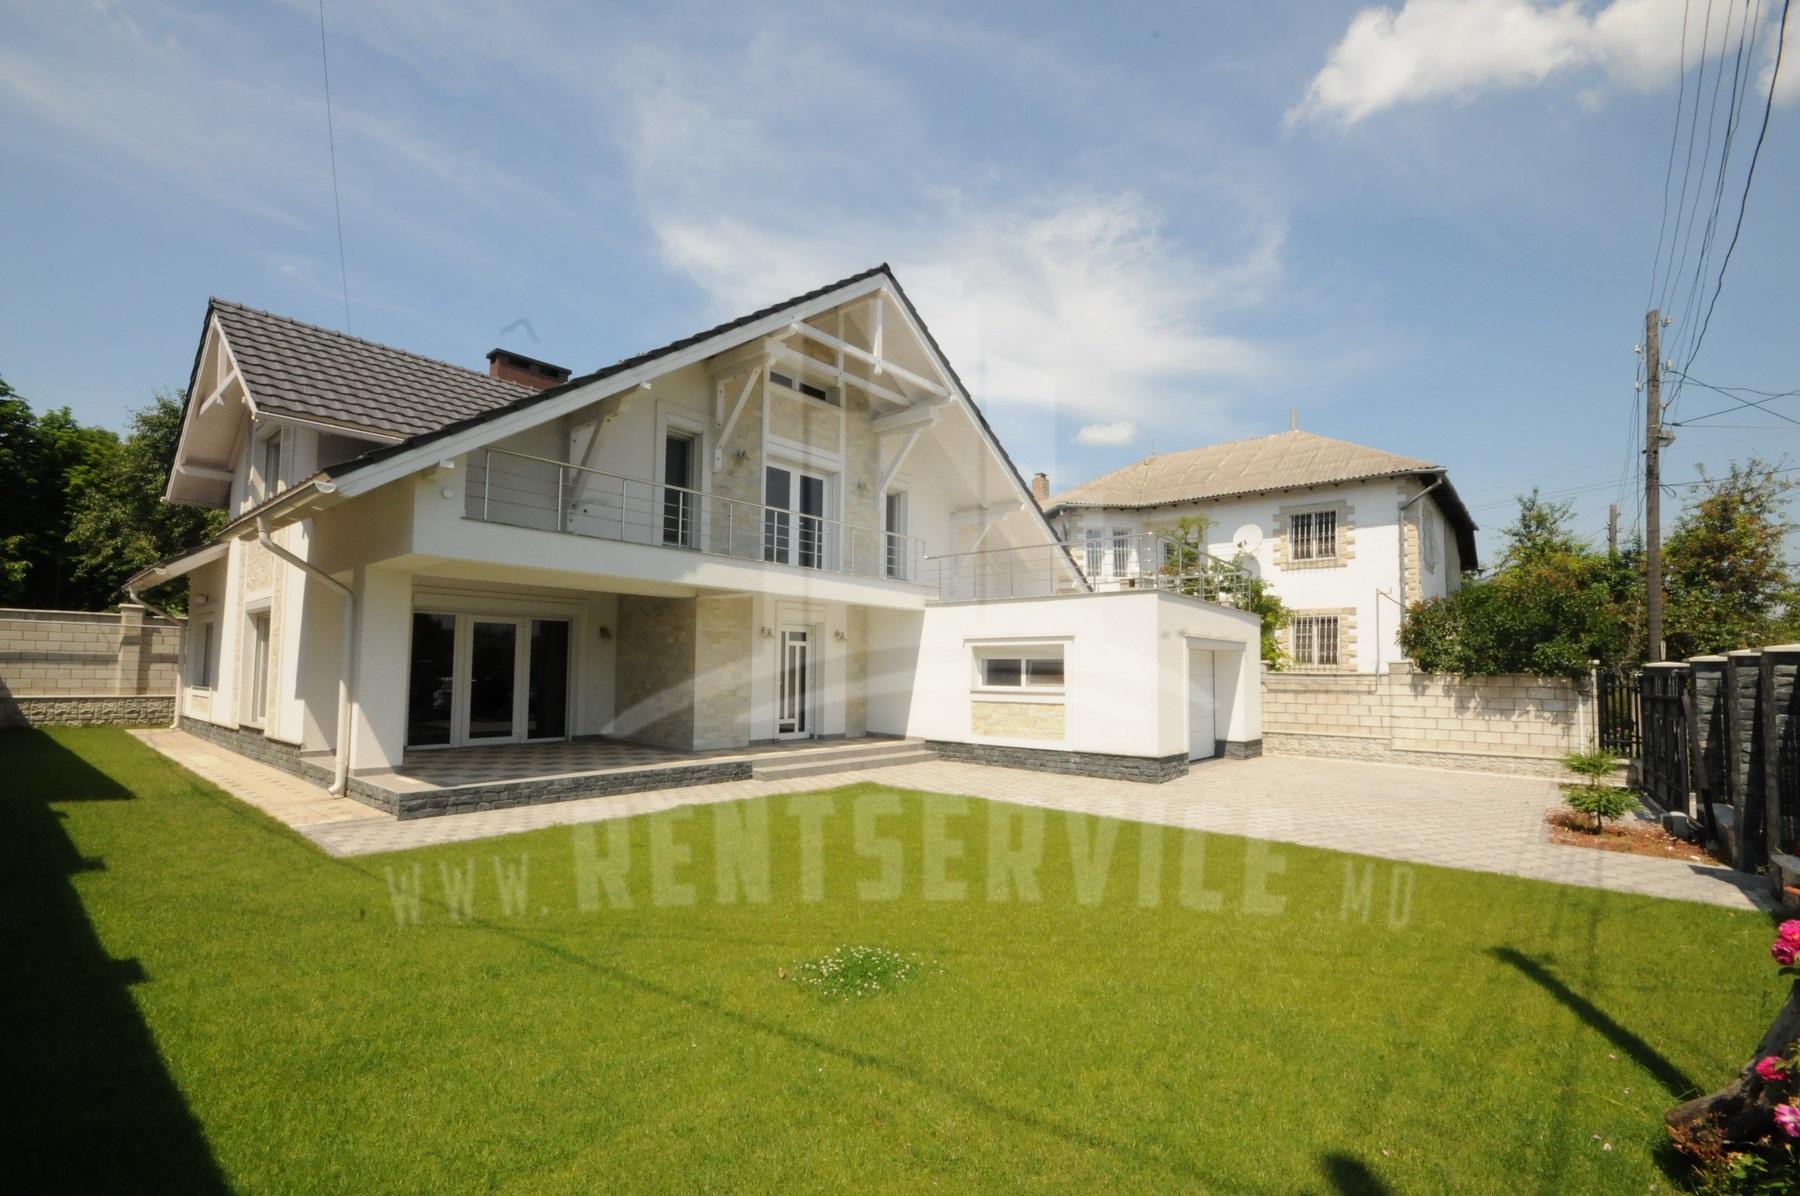 1015_house_1.JPG